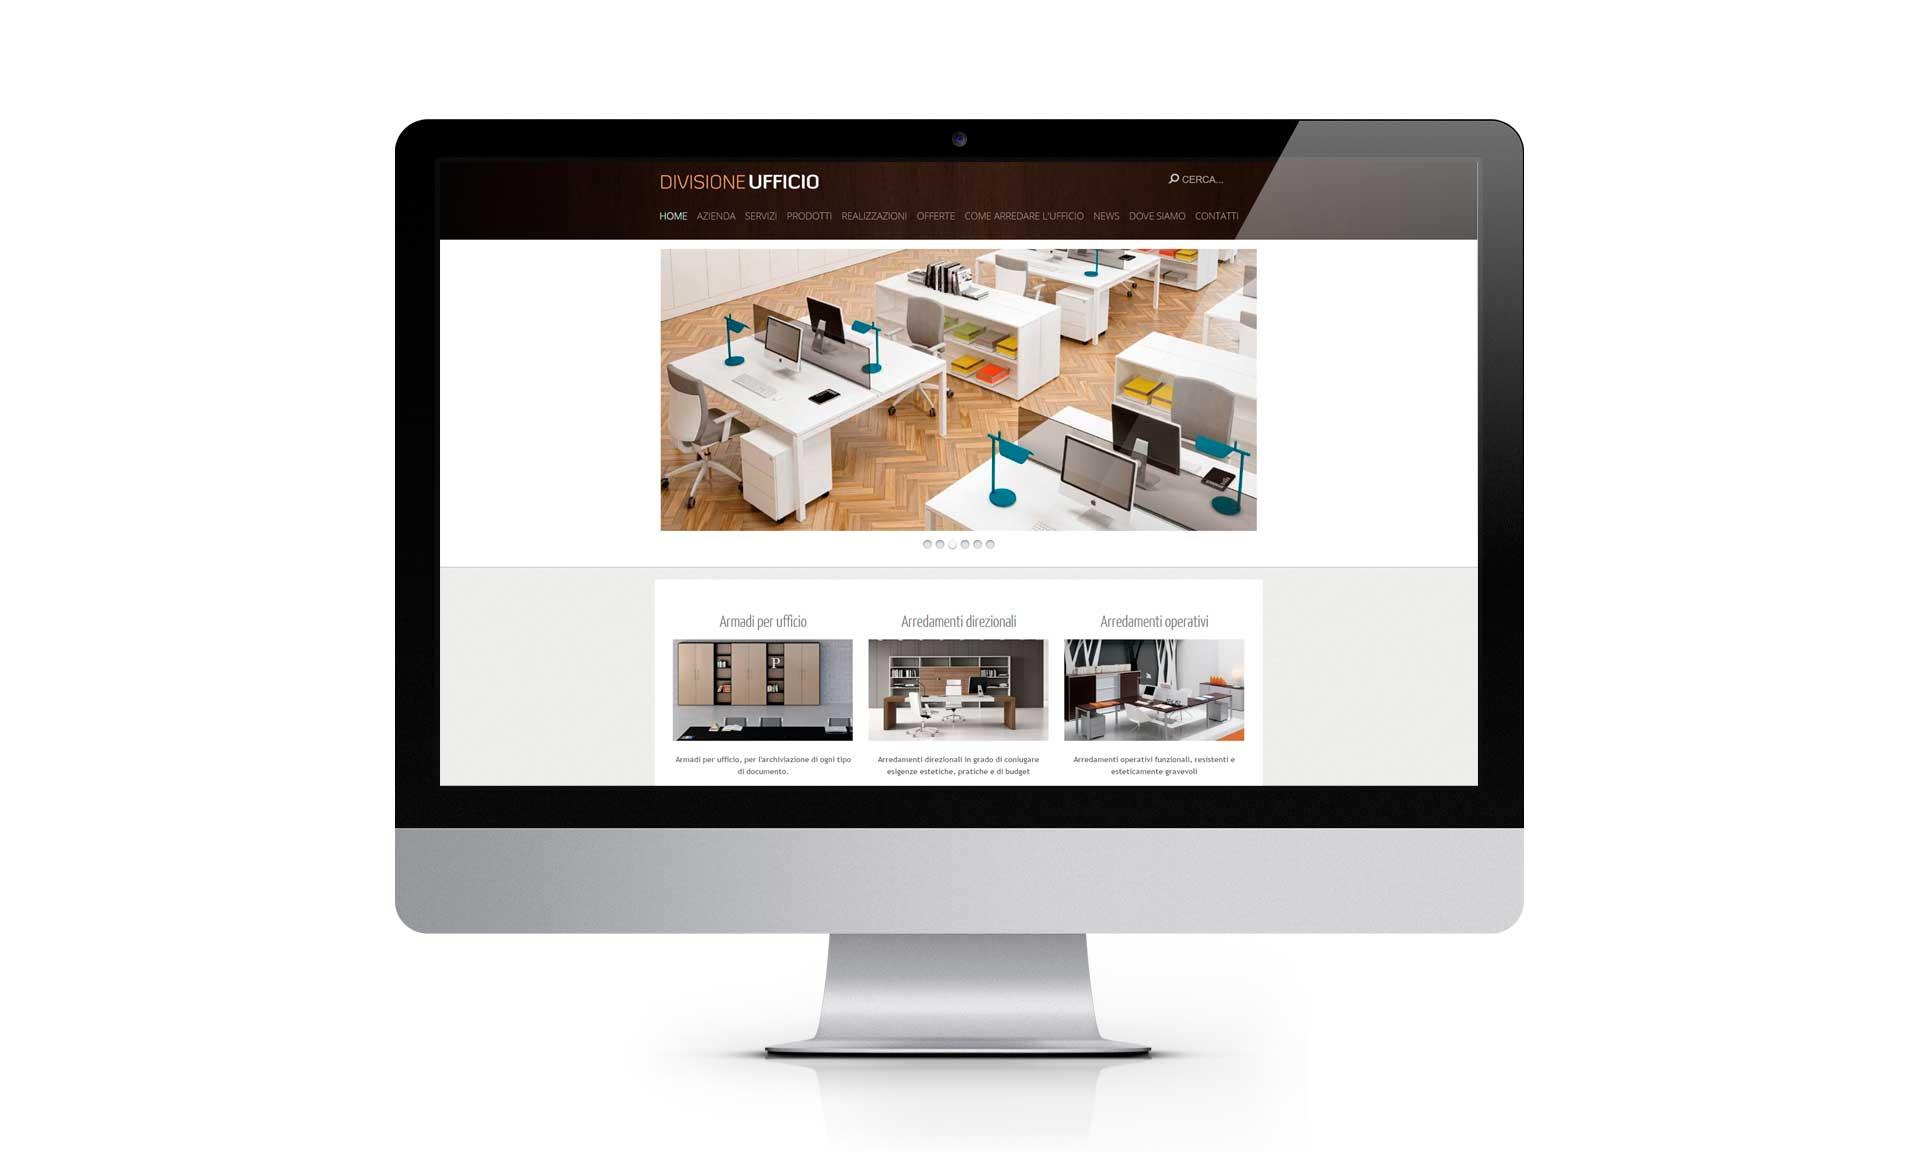 Creazione  del sito internet di Divisione ufficio SaS